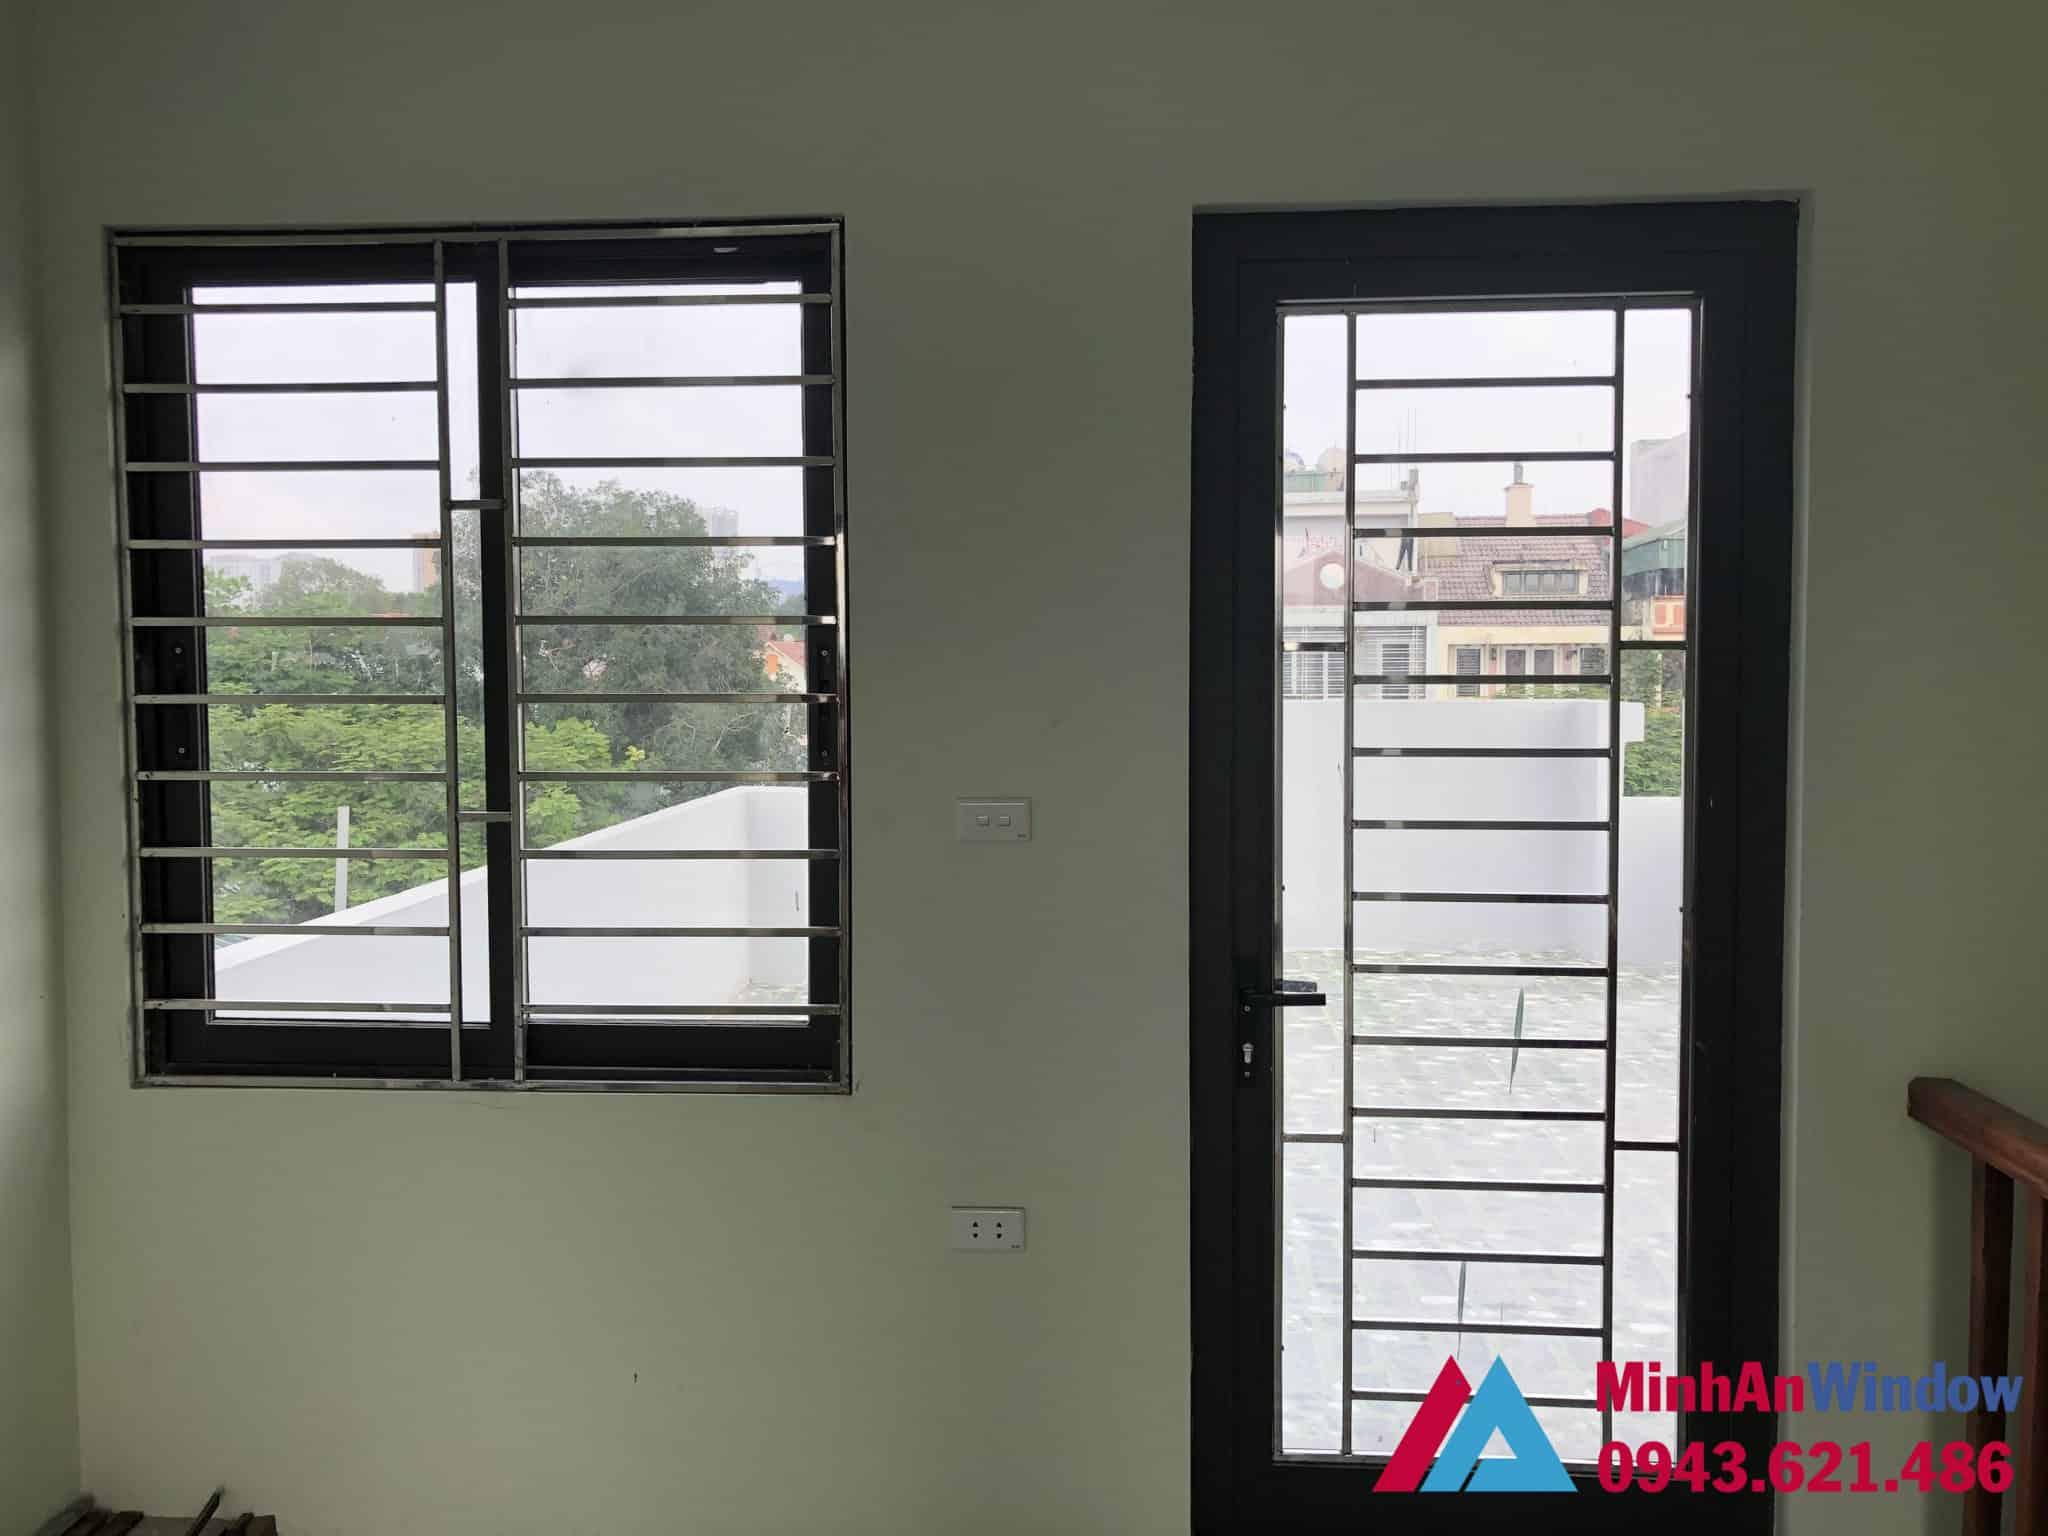 Cửa đi và cửa sổ nhôm kính do Minh An Window lắp đặt